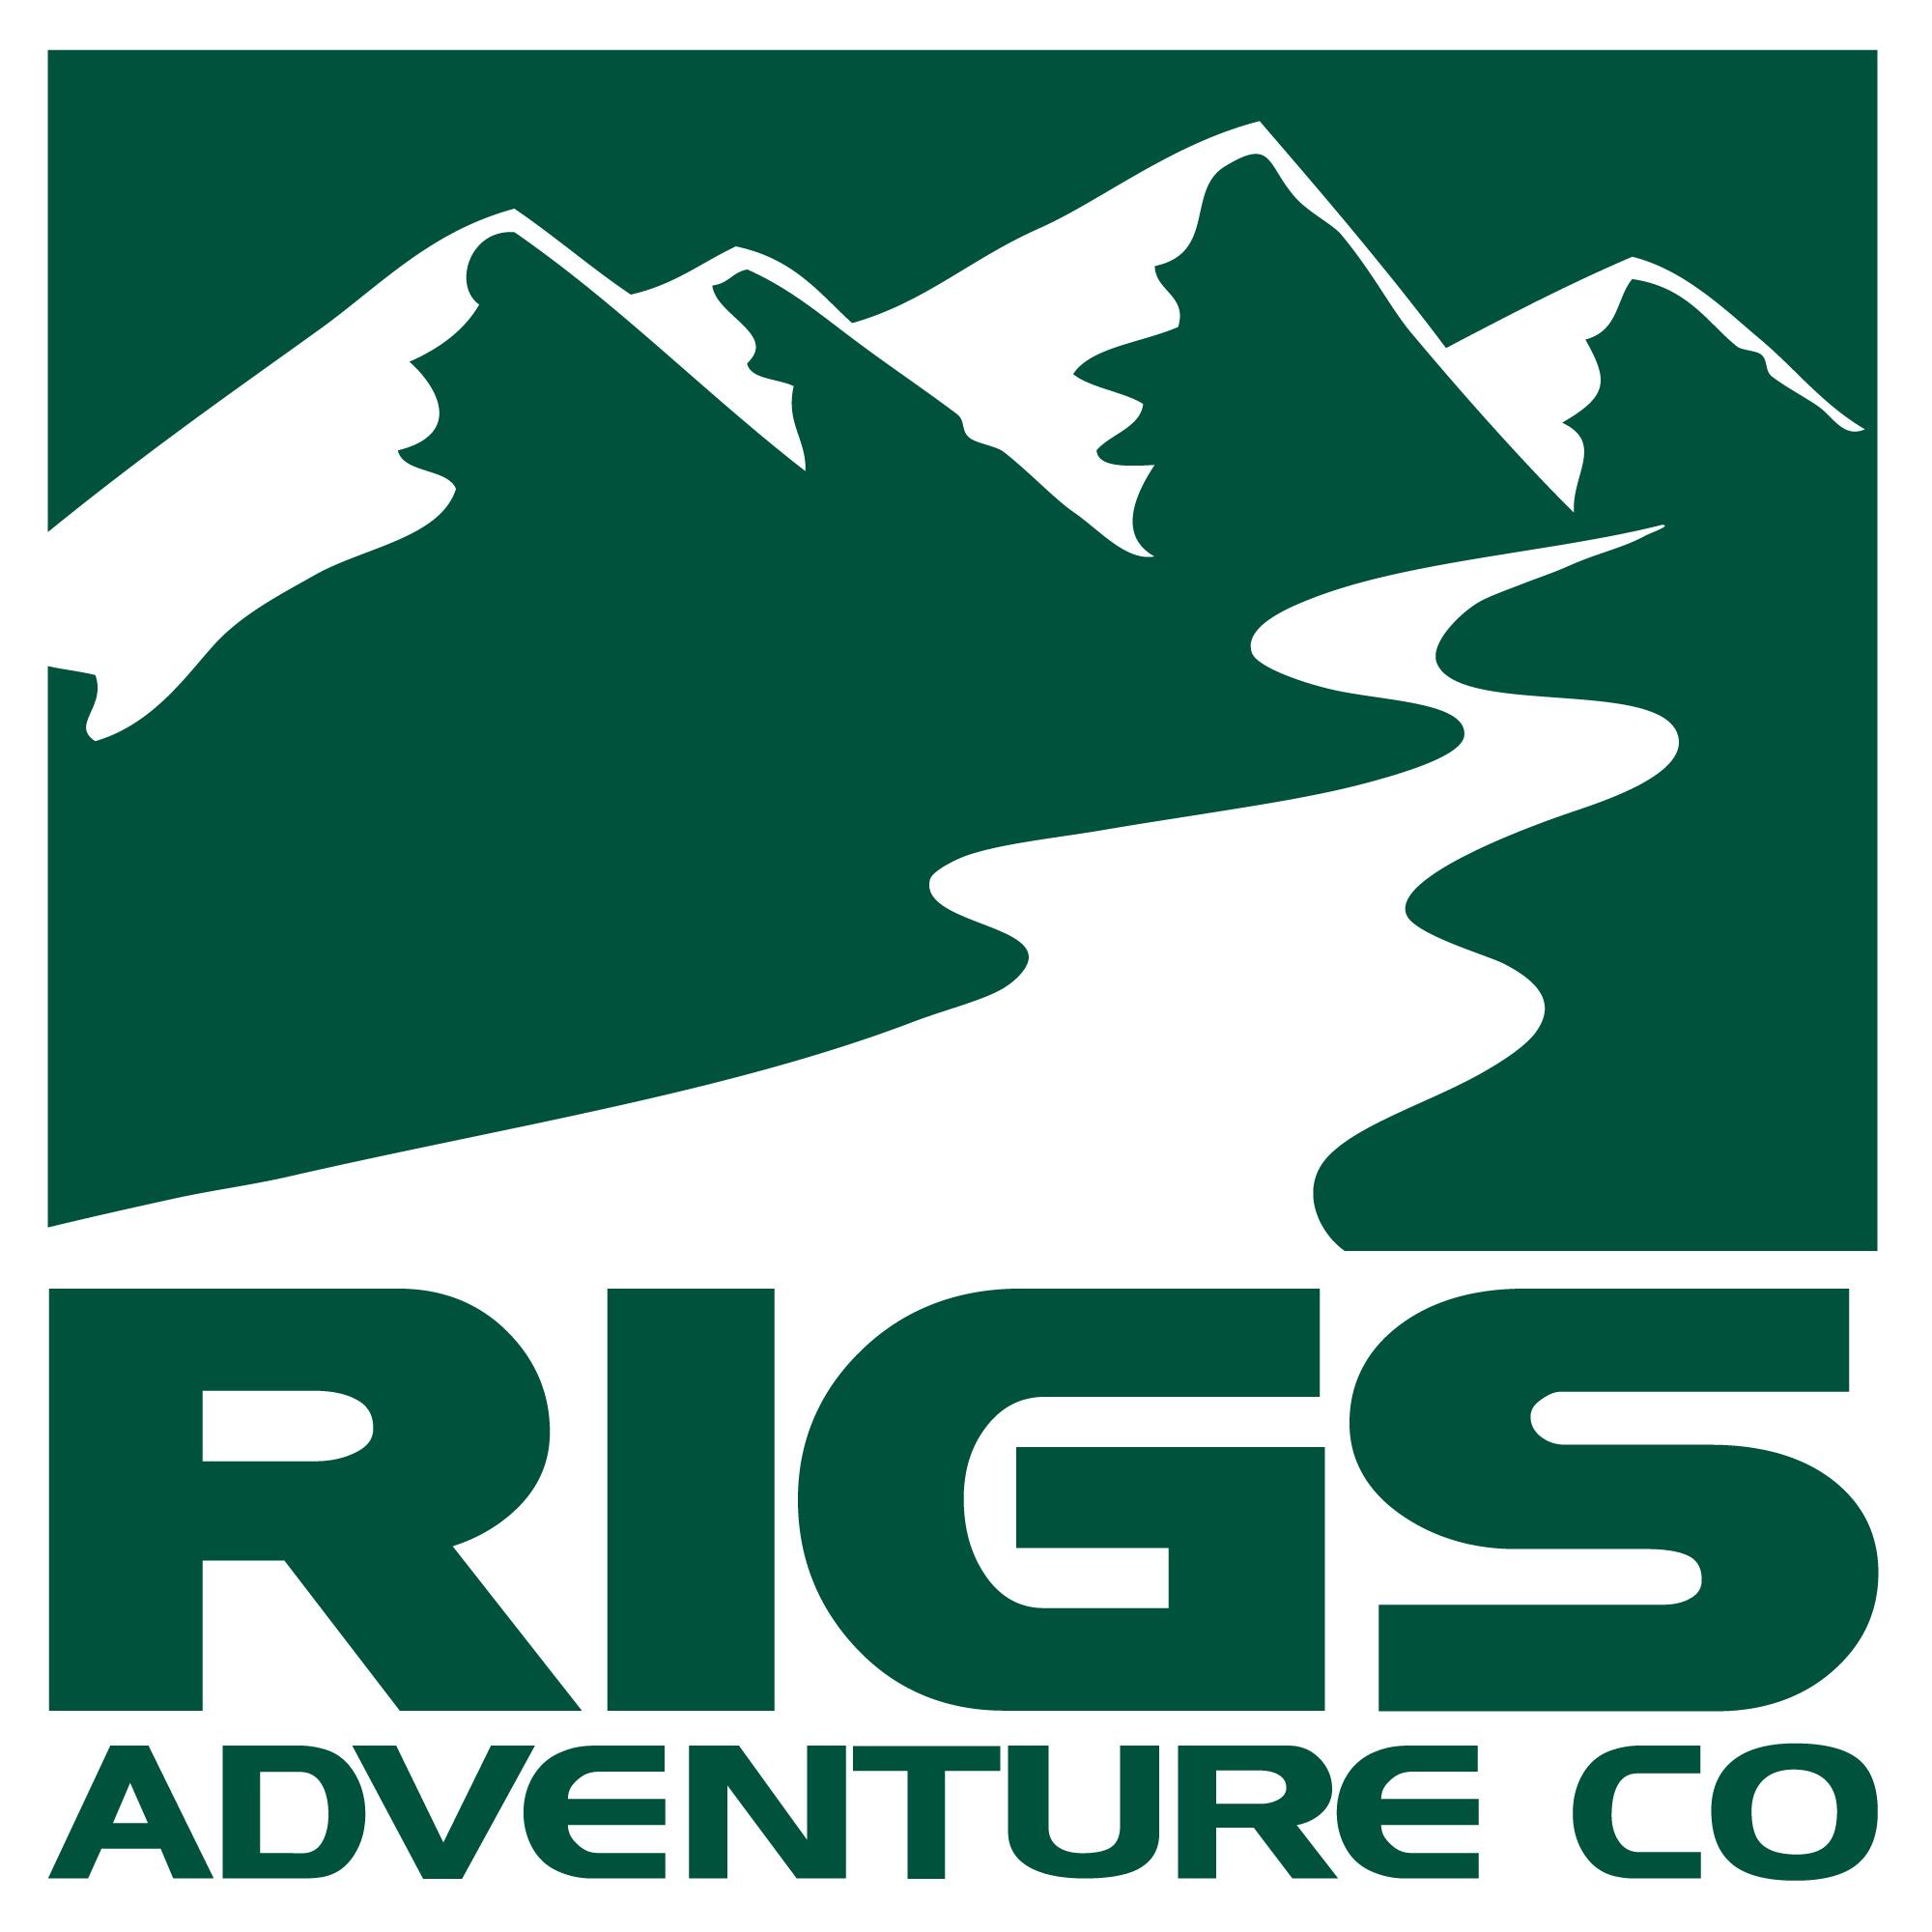 RIGS logo.jpg